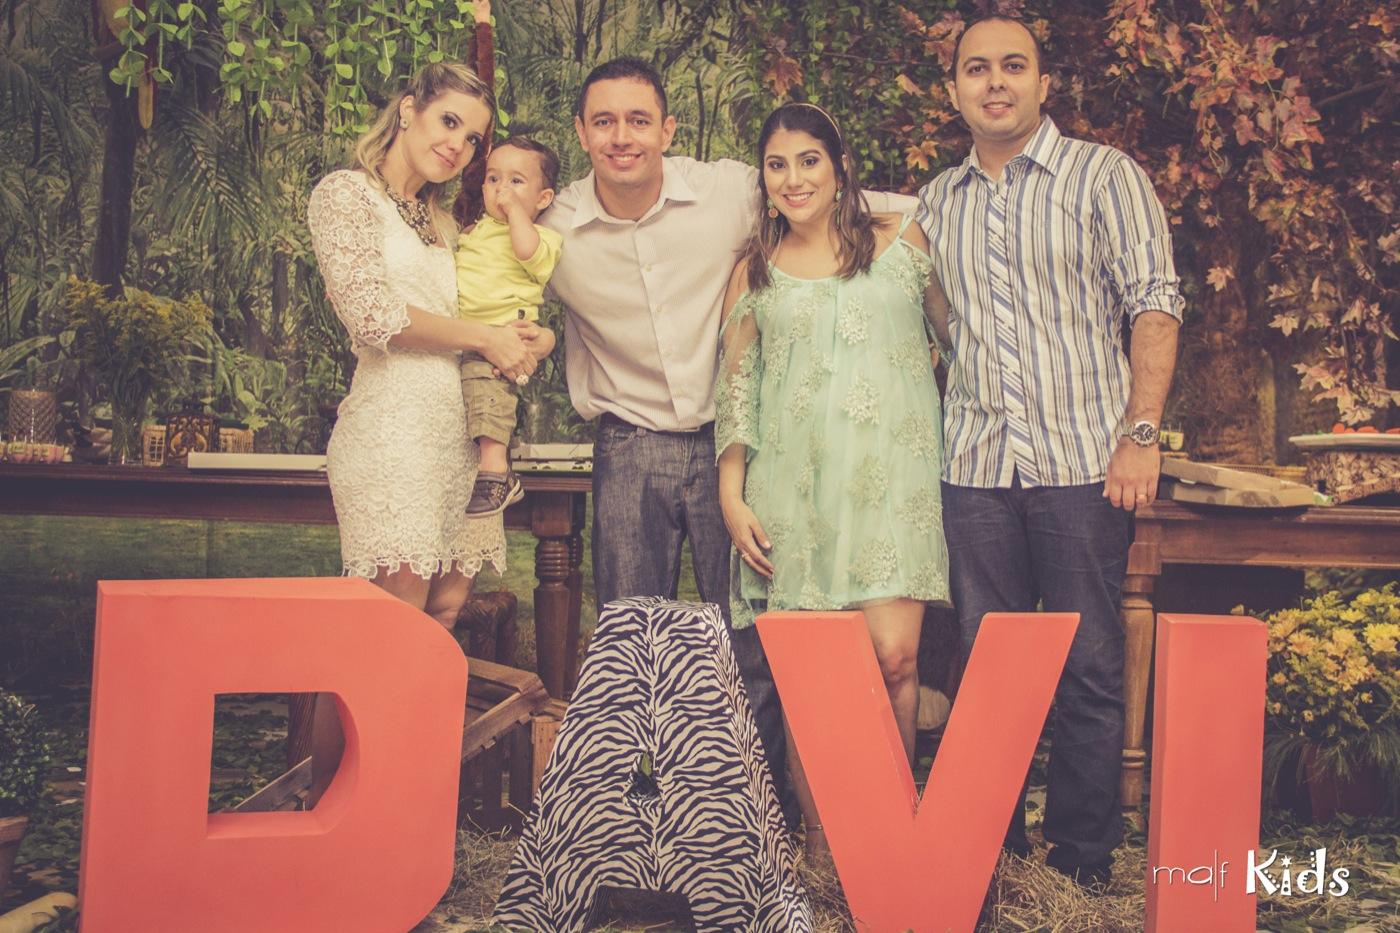 Os padrinhos blogueiros e os papais do Davi, em plena felicidade e gratidão à Deus.